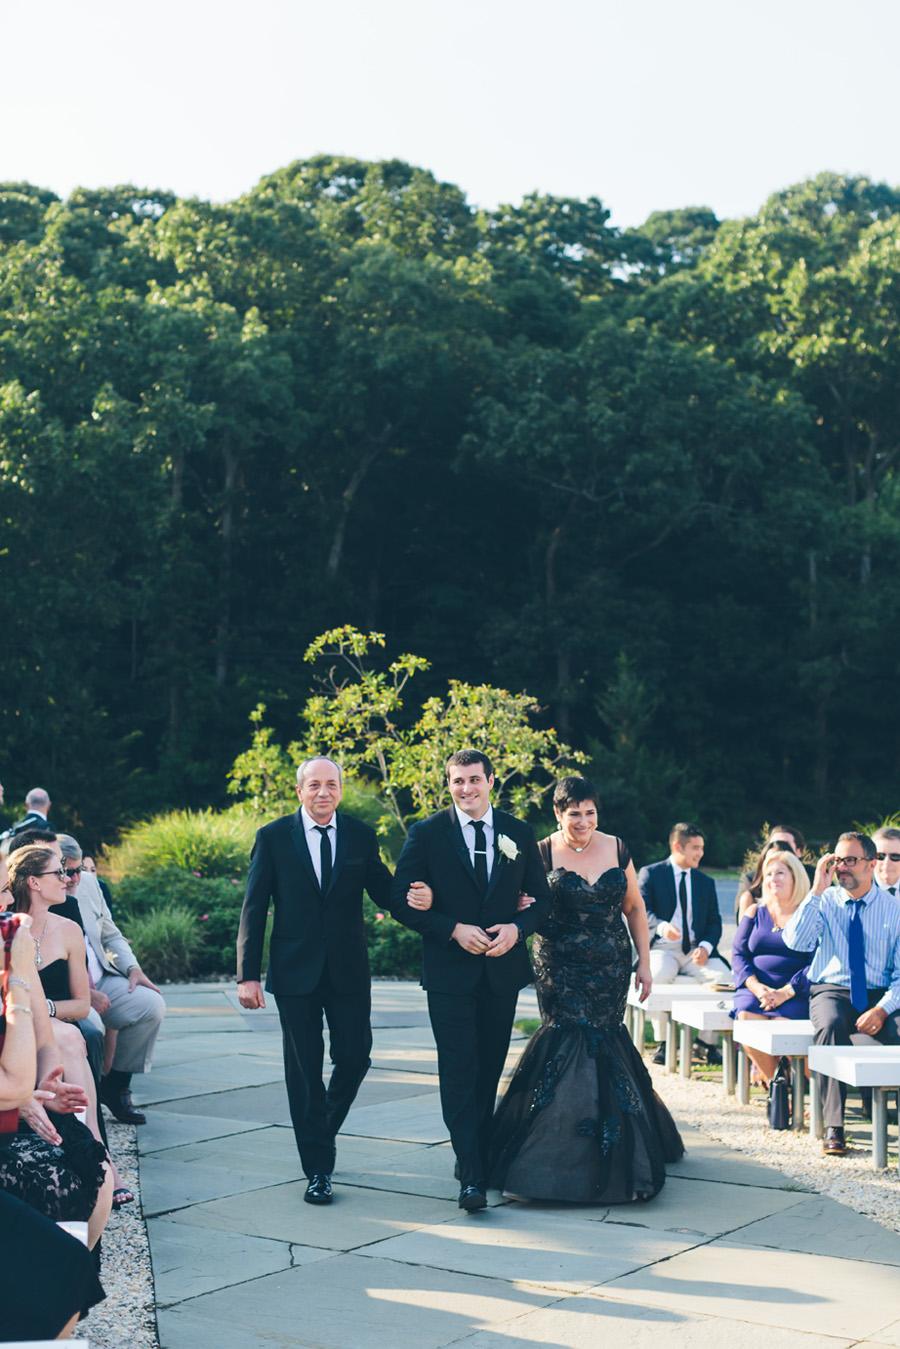 VICTORIA-BRIAN-NY-WEDDING-RECEPTION-CYNTHIACHUNG-0036.jpg